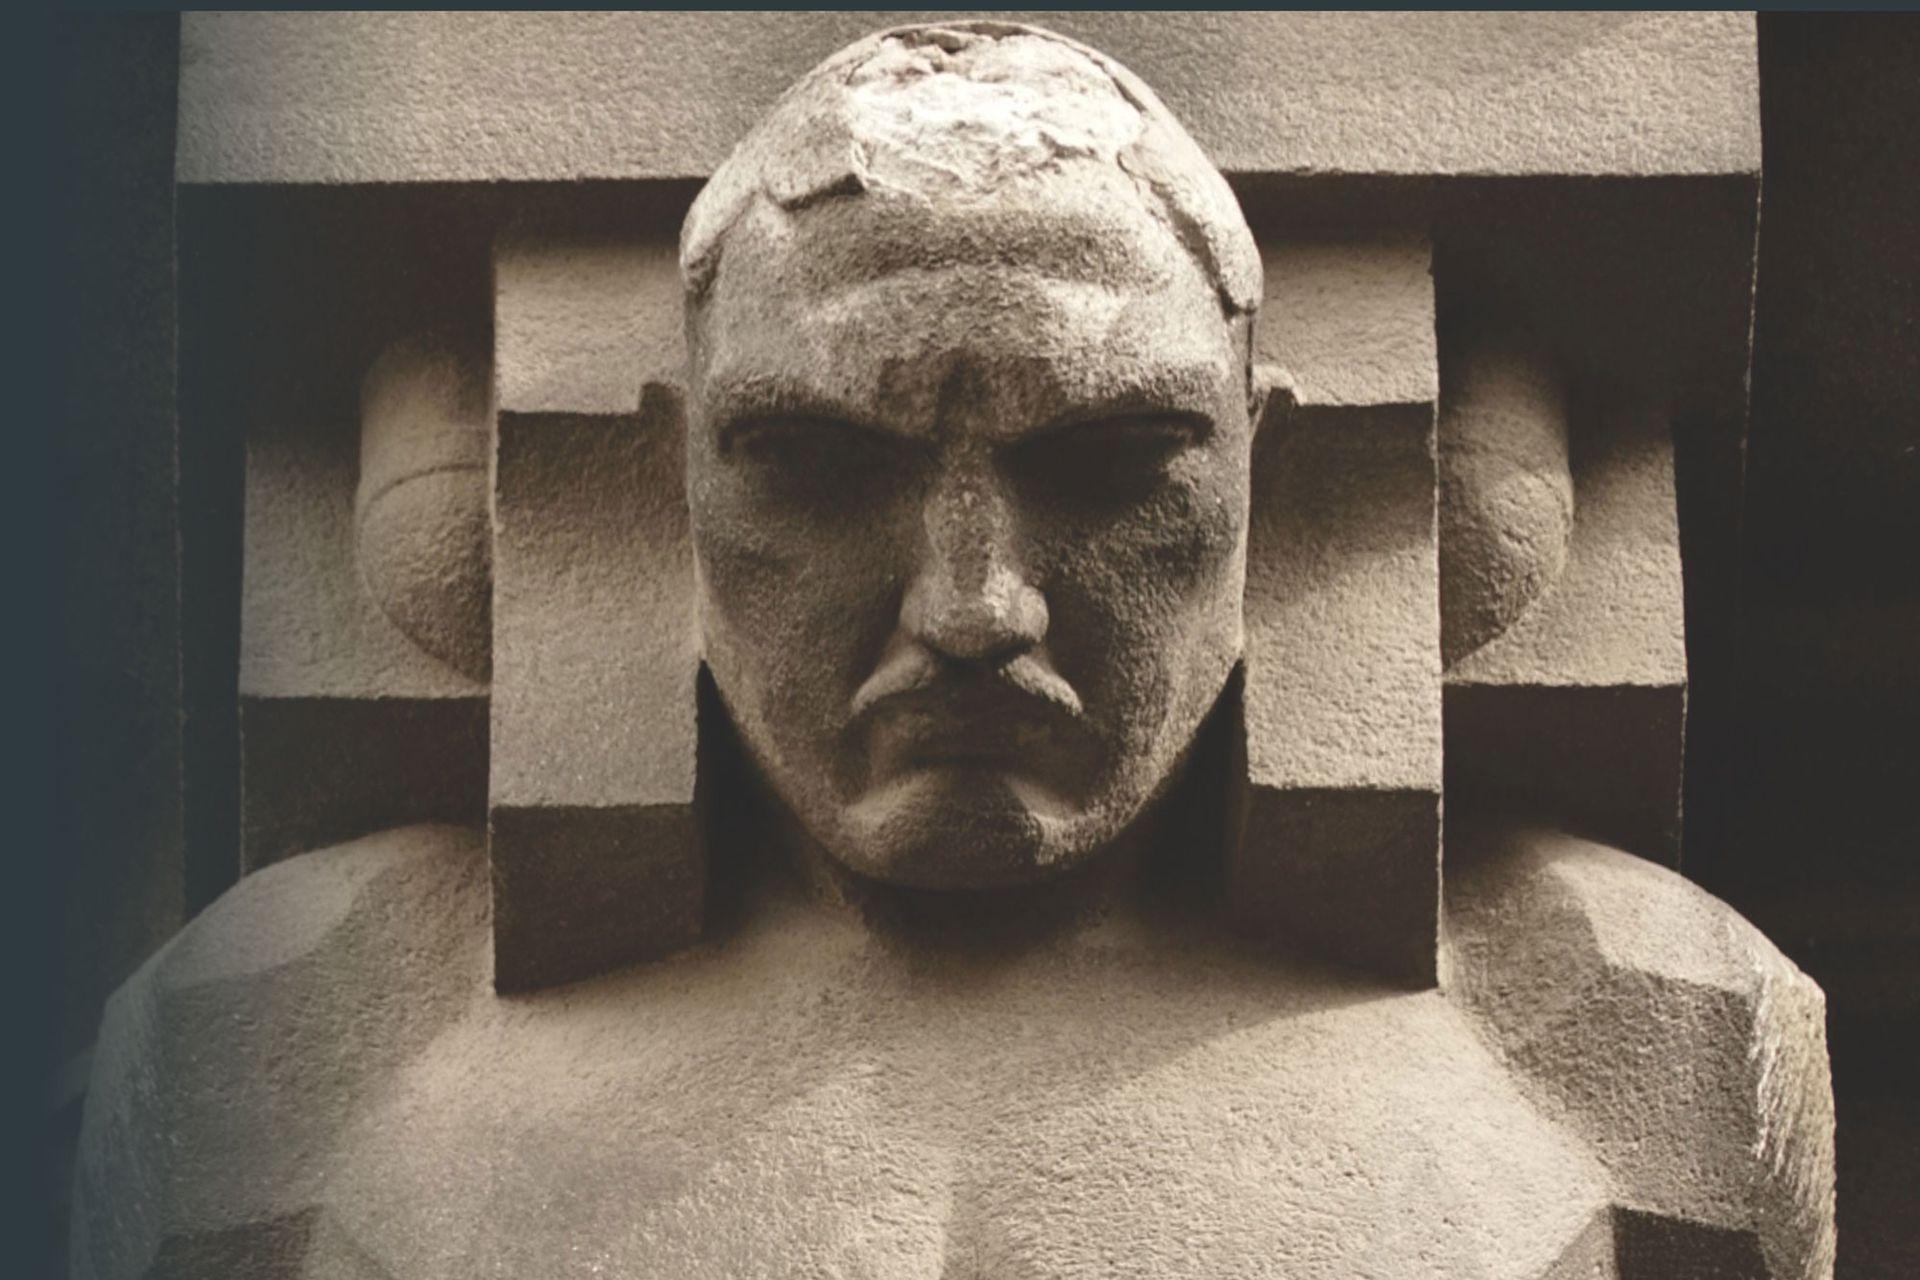 El rostro del arquitecto del edificio, Morten Rönnow, en uno de los atlantes.